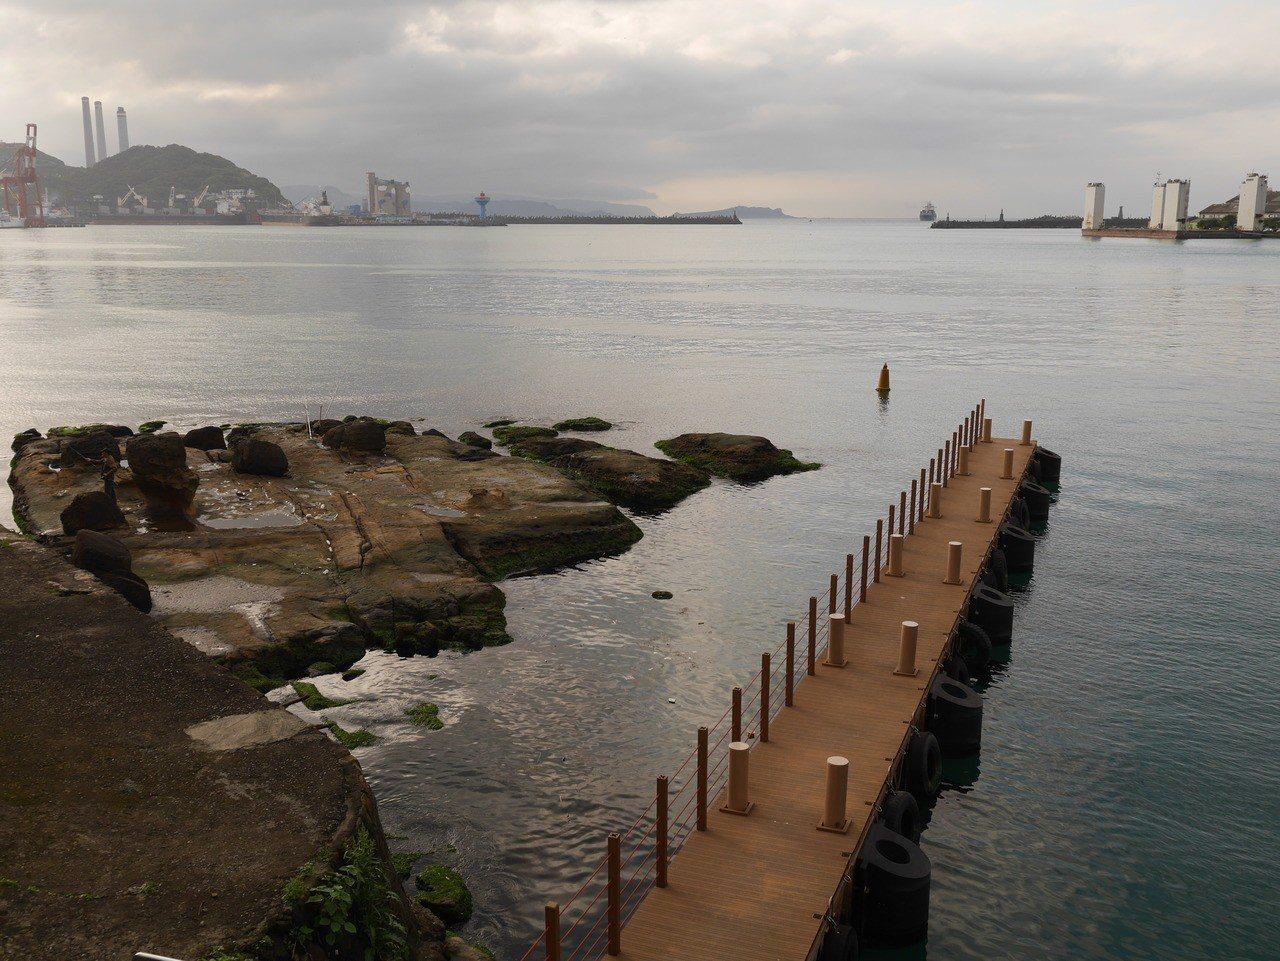 在中正路古名「跌死猴澳」的地方,是基隆港水泥化 0.01%的意外,還保有原貌,海...